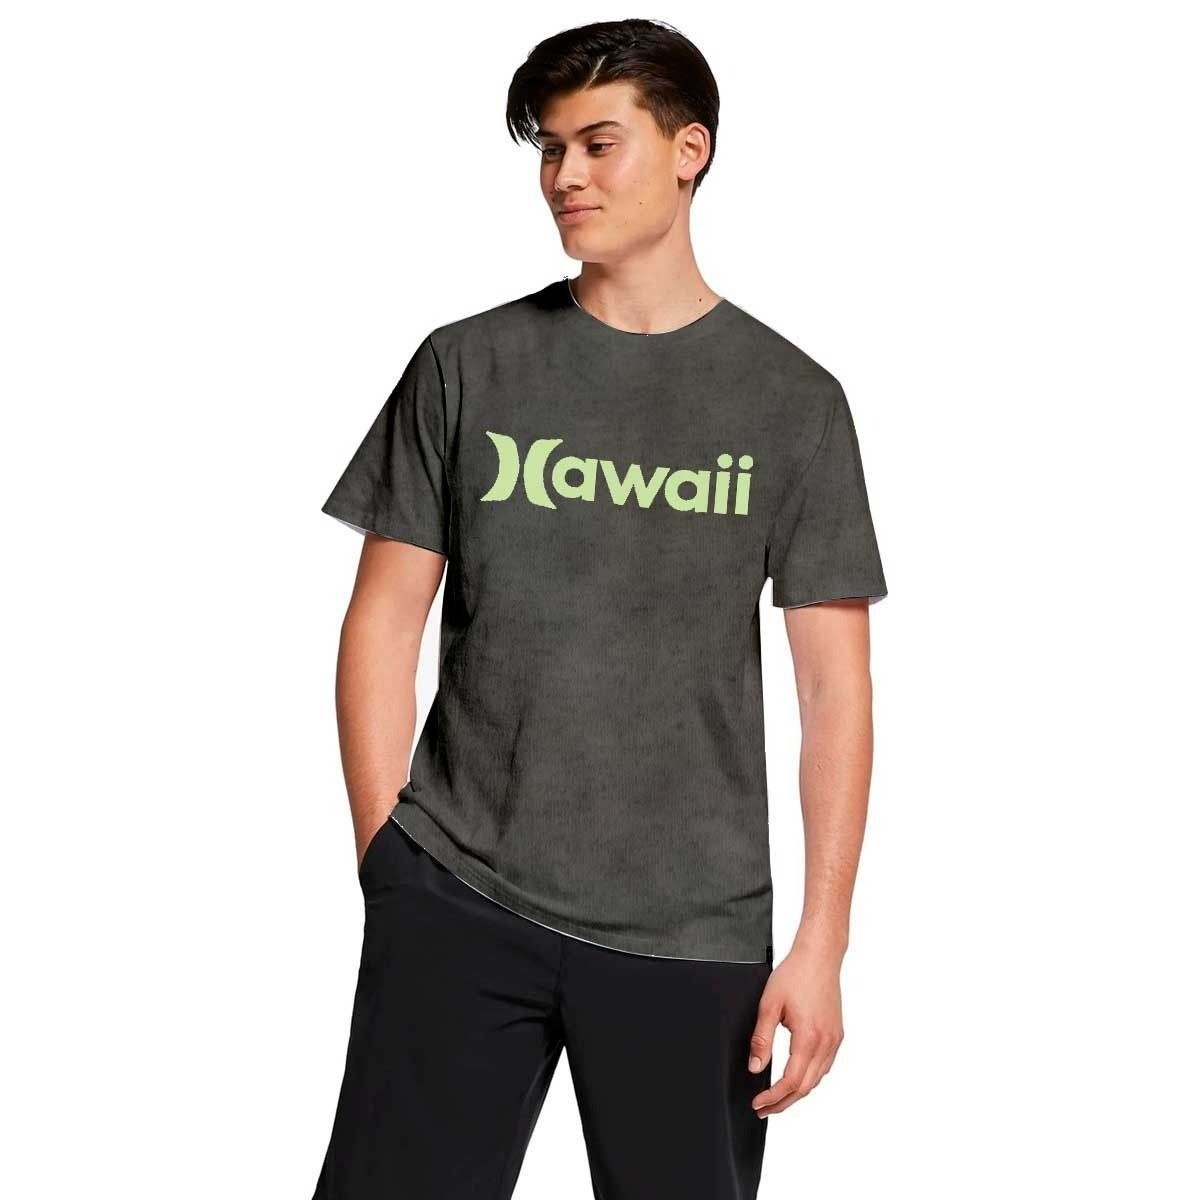 Camiseta Hurley Hawaii Silk Green